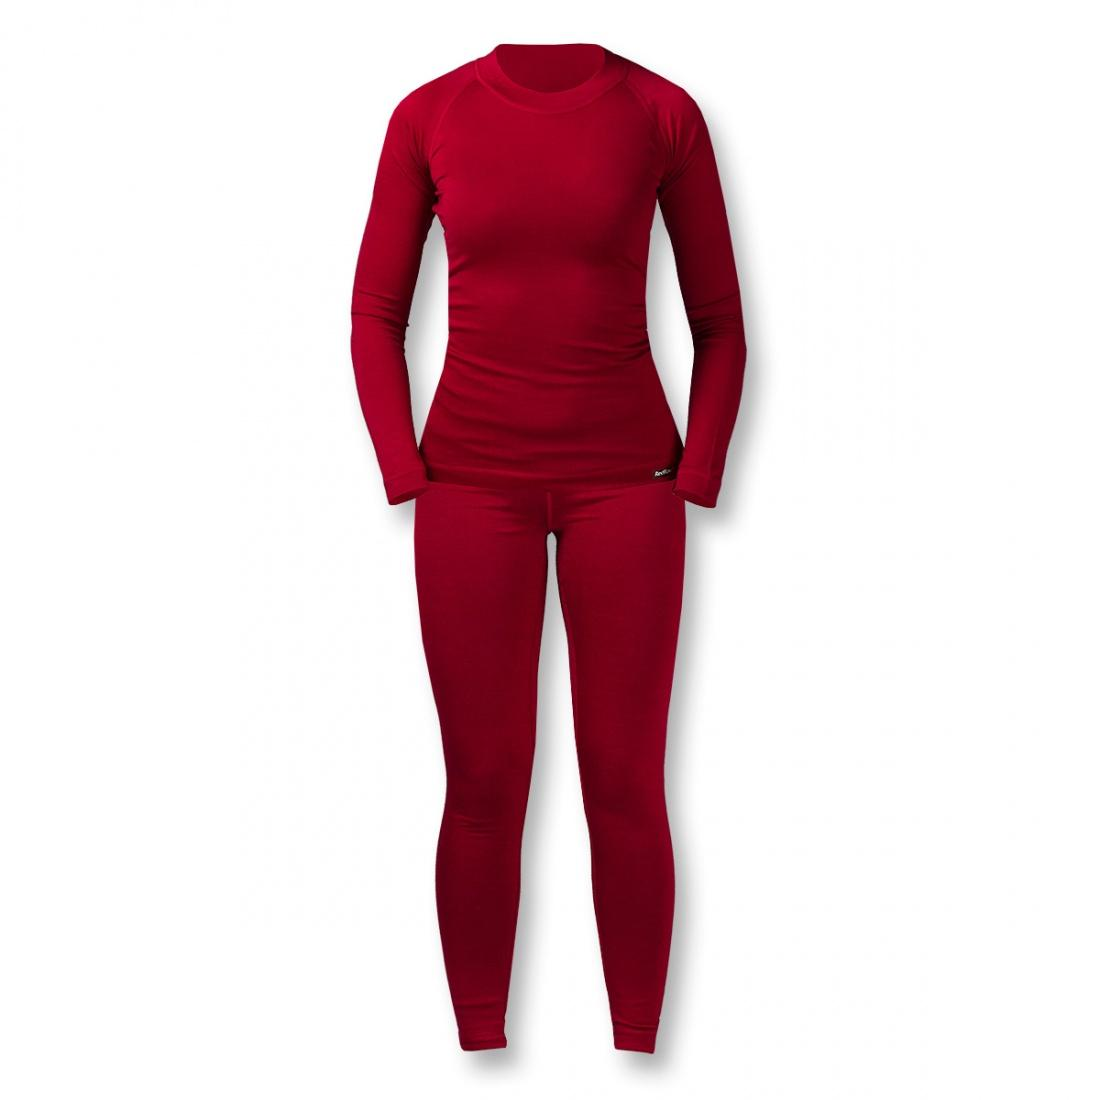 Термобелье костюм Wool Dry Light ЖенскийКомплекты<br><br> Тончайшее термобелье для женщин из мериносовой шерсти: оно достаточно теплое и пуловер можно носить как самостоятельный элемент одежды.В качестве базового слоя костюм прекрасно подходит для занятий спортом в холодную погоду зимой.<br><br><br> Ос...<br><br>Цвет: Темно-красный<br>Размер: 50